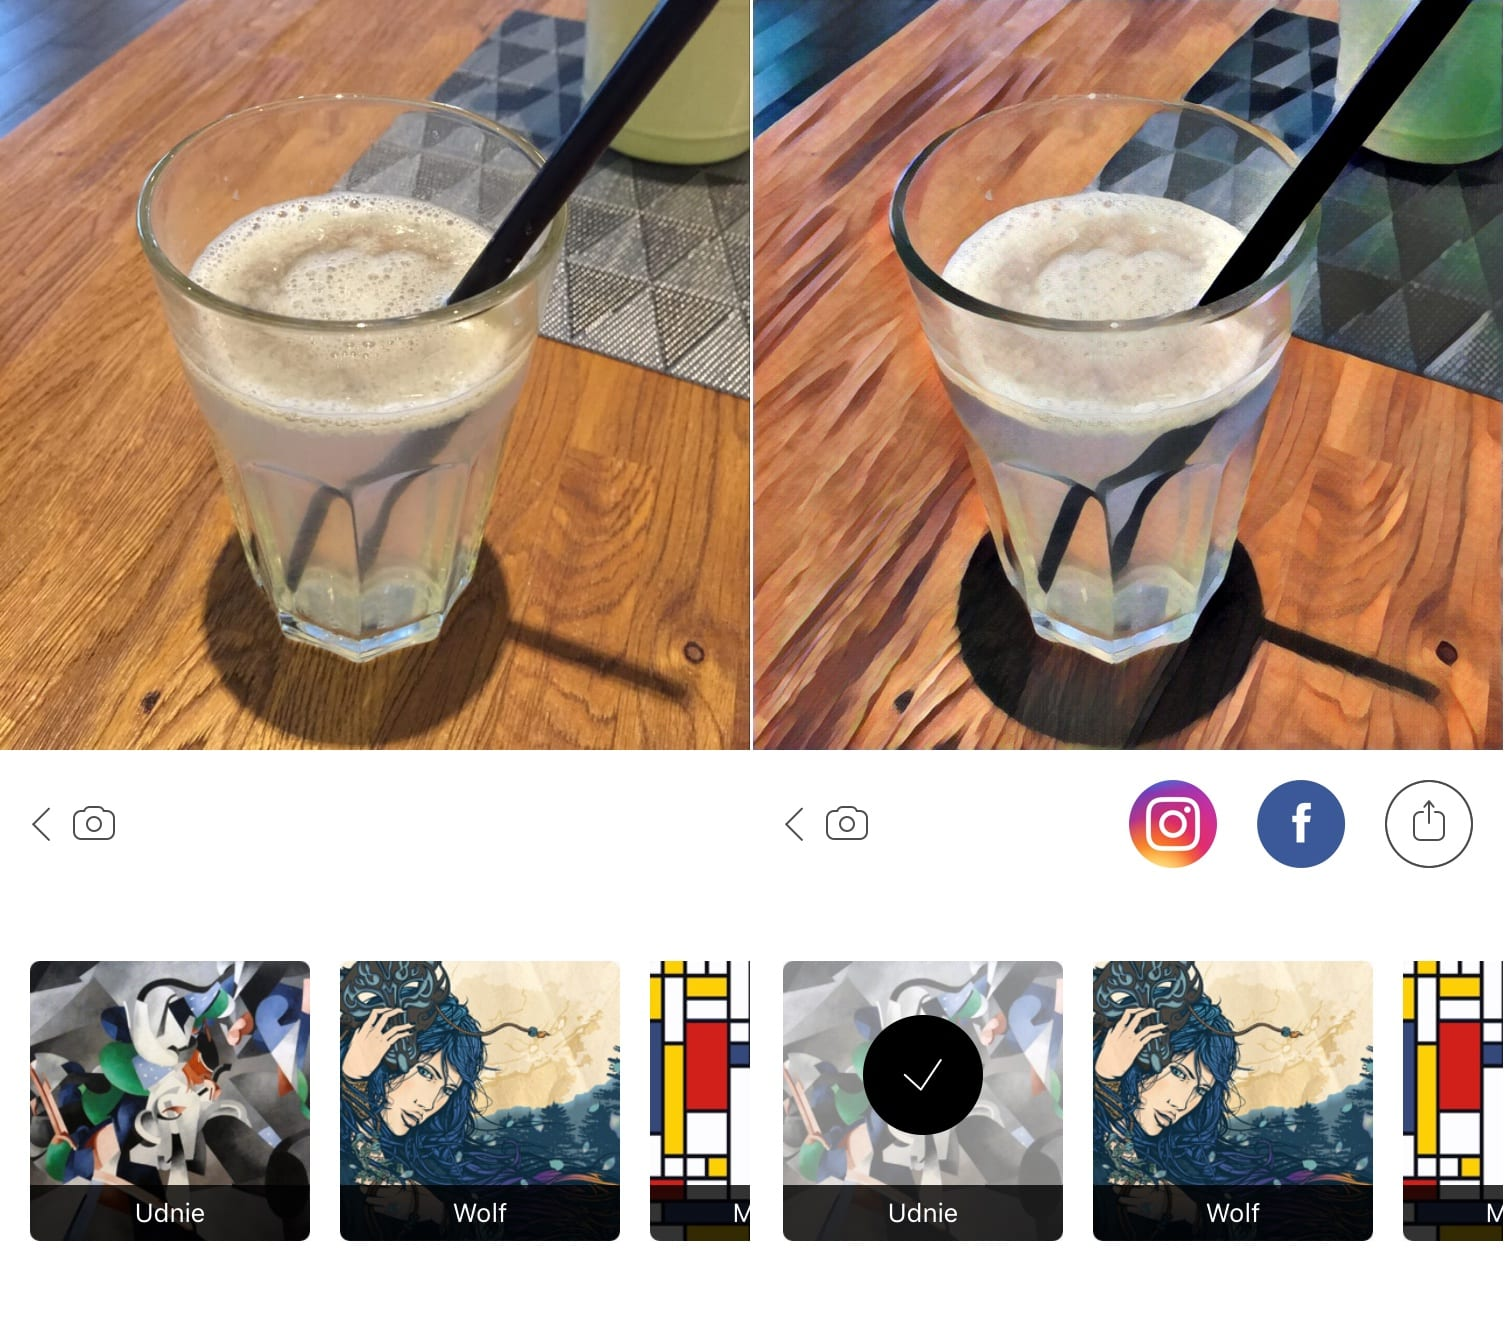 Fotka pred a po aplikovaní Prisma filtra.